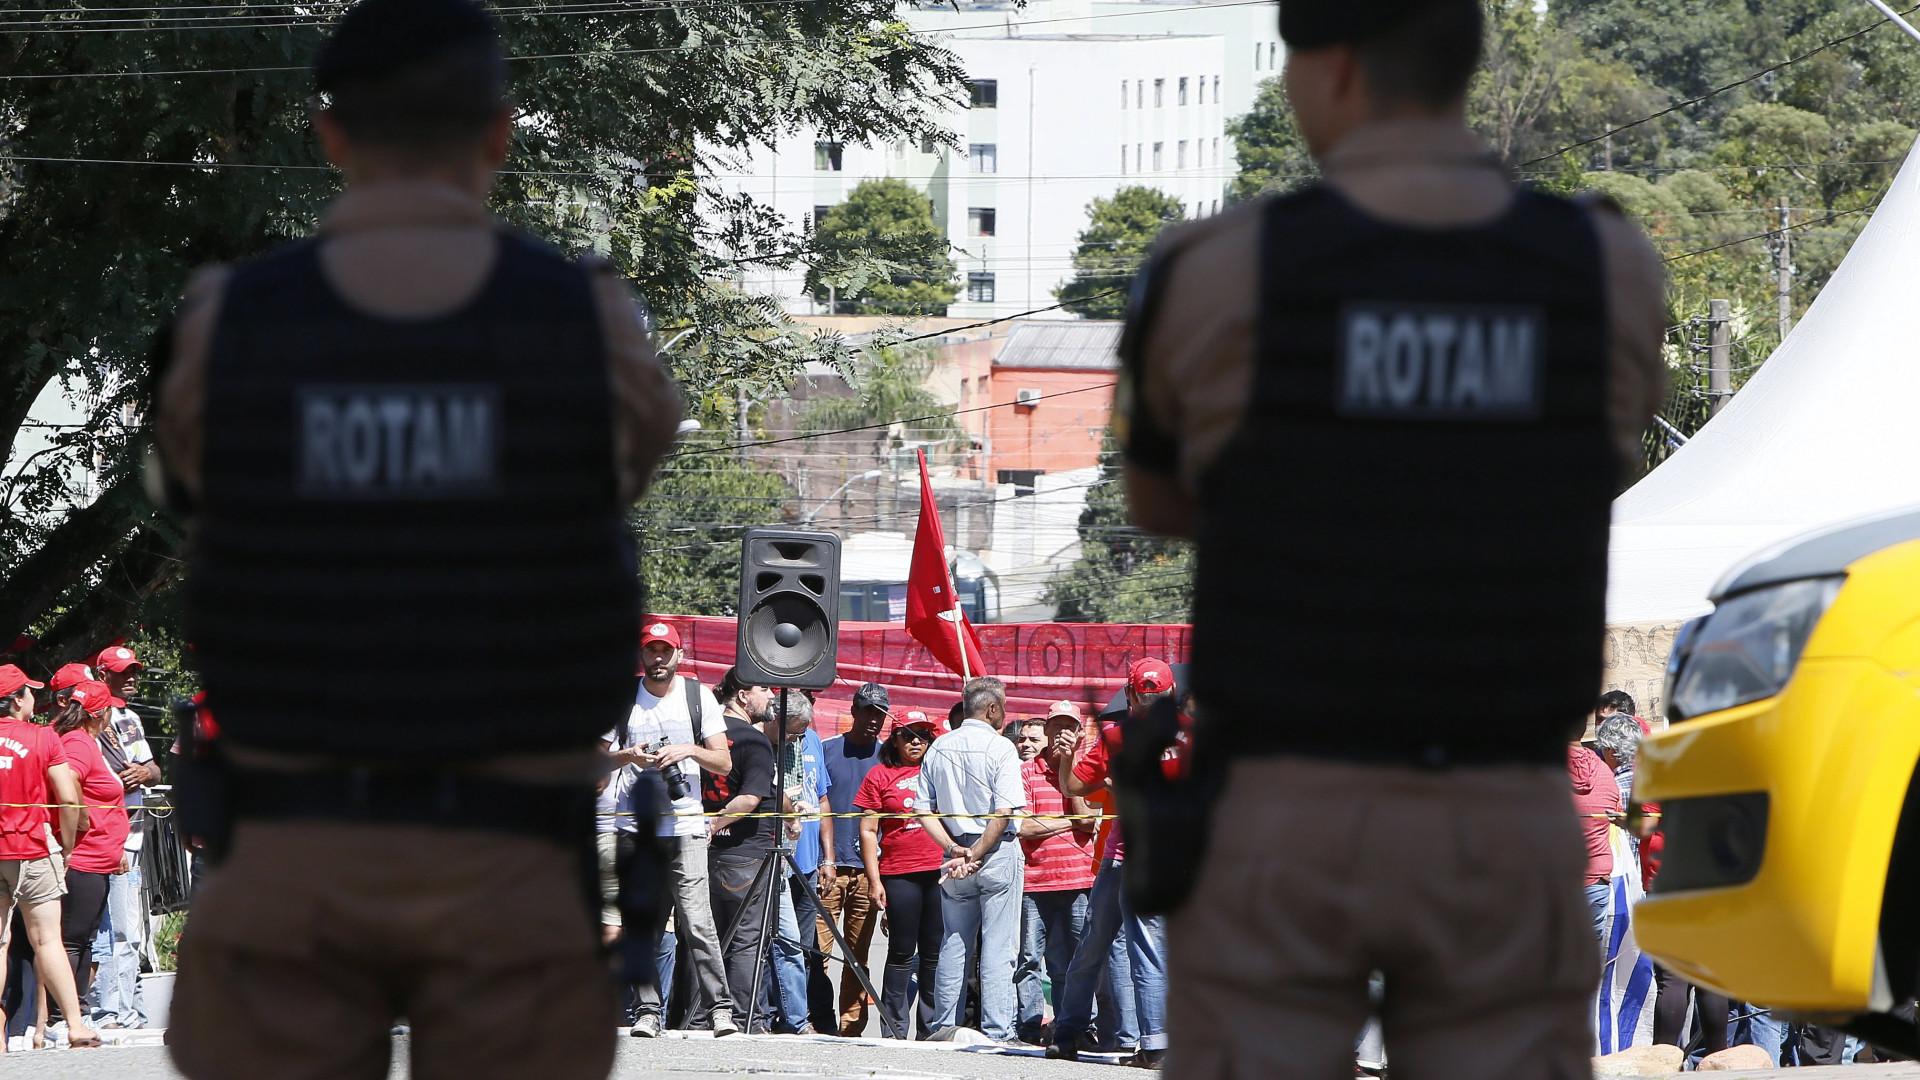 Sindicato pede transferência de Lula para unidade das Forças Armadas